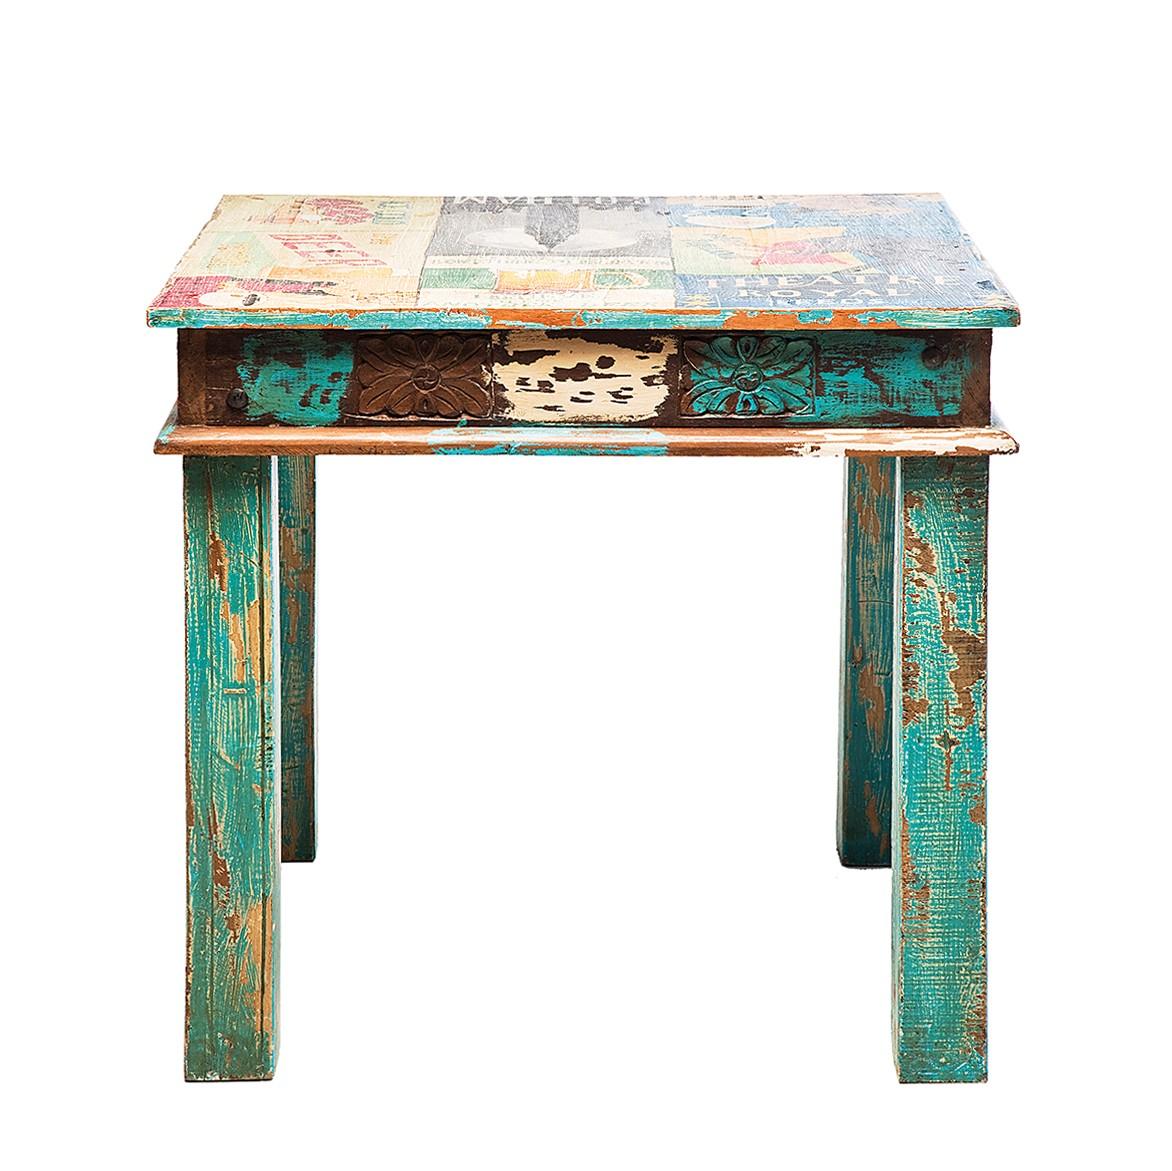 Tisch ipanema kare design g nstig schnell einkaufen for Tisch kare design